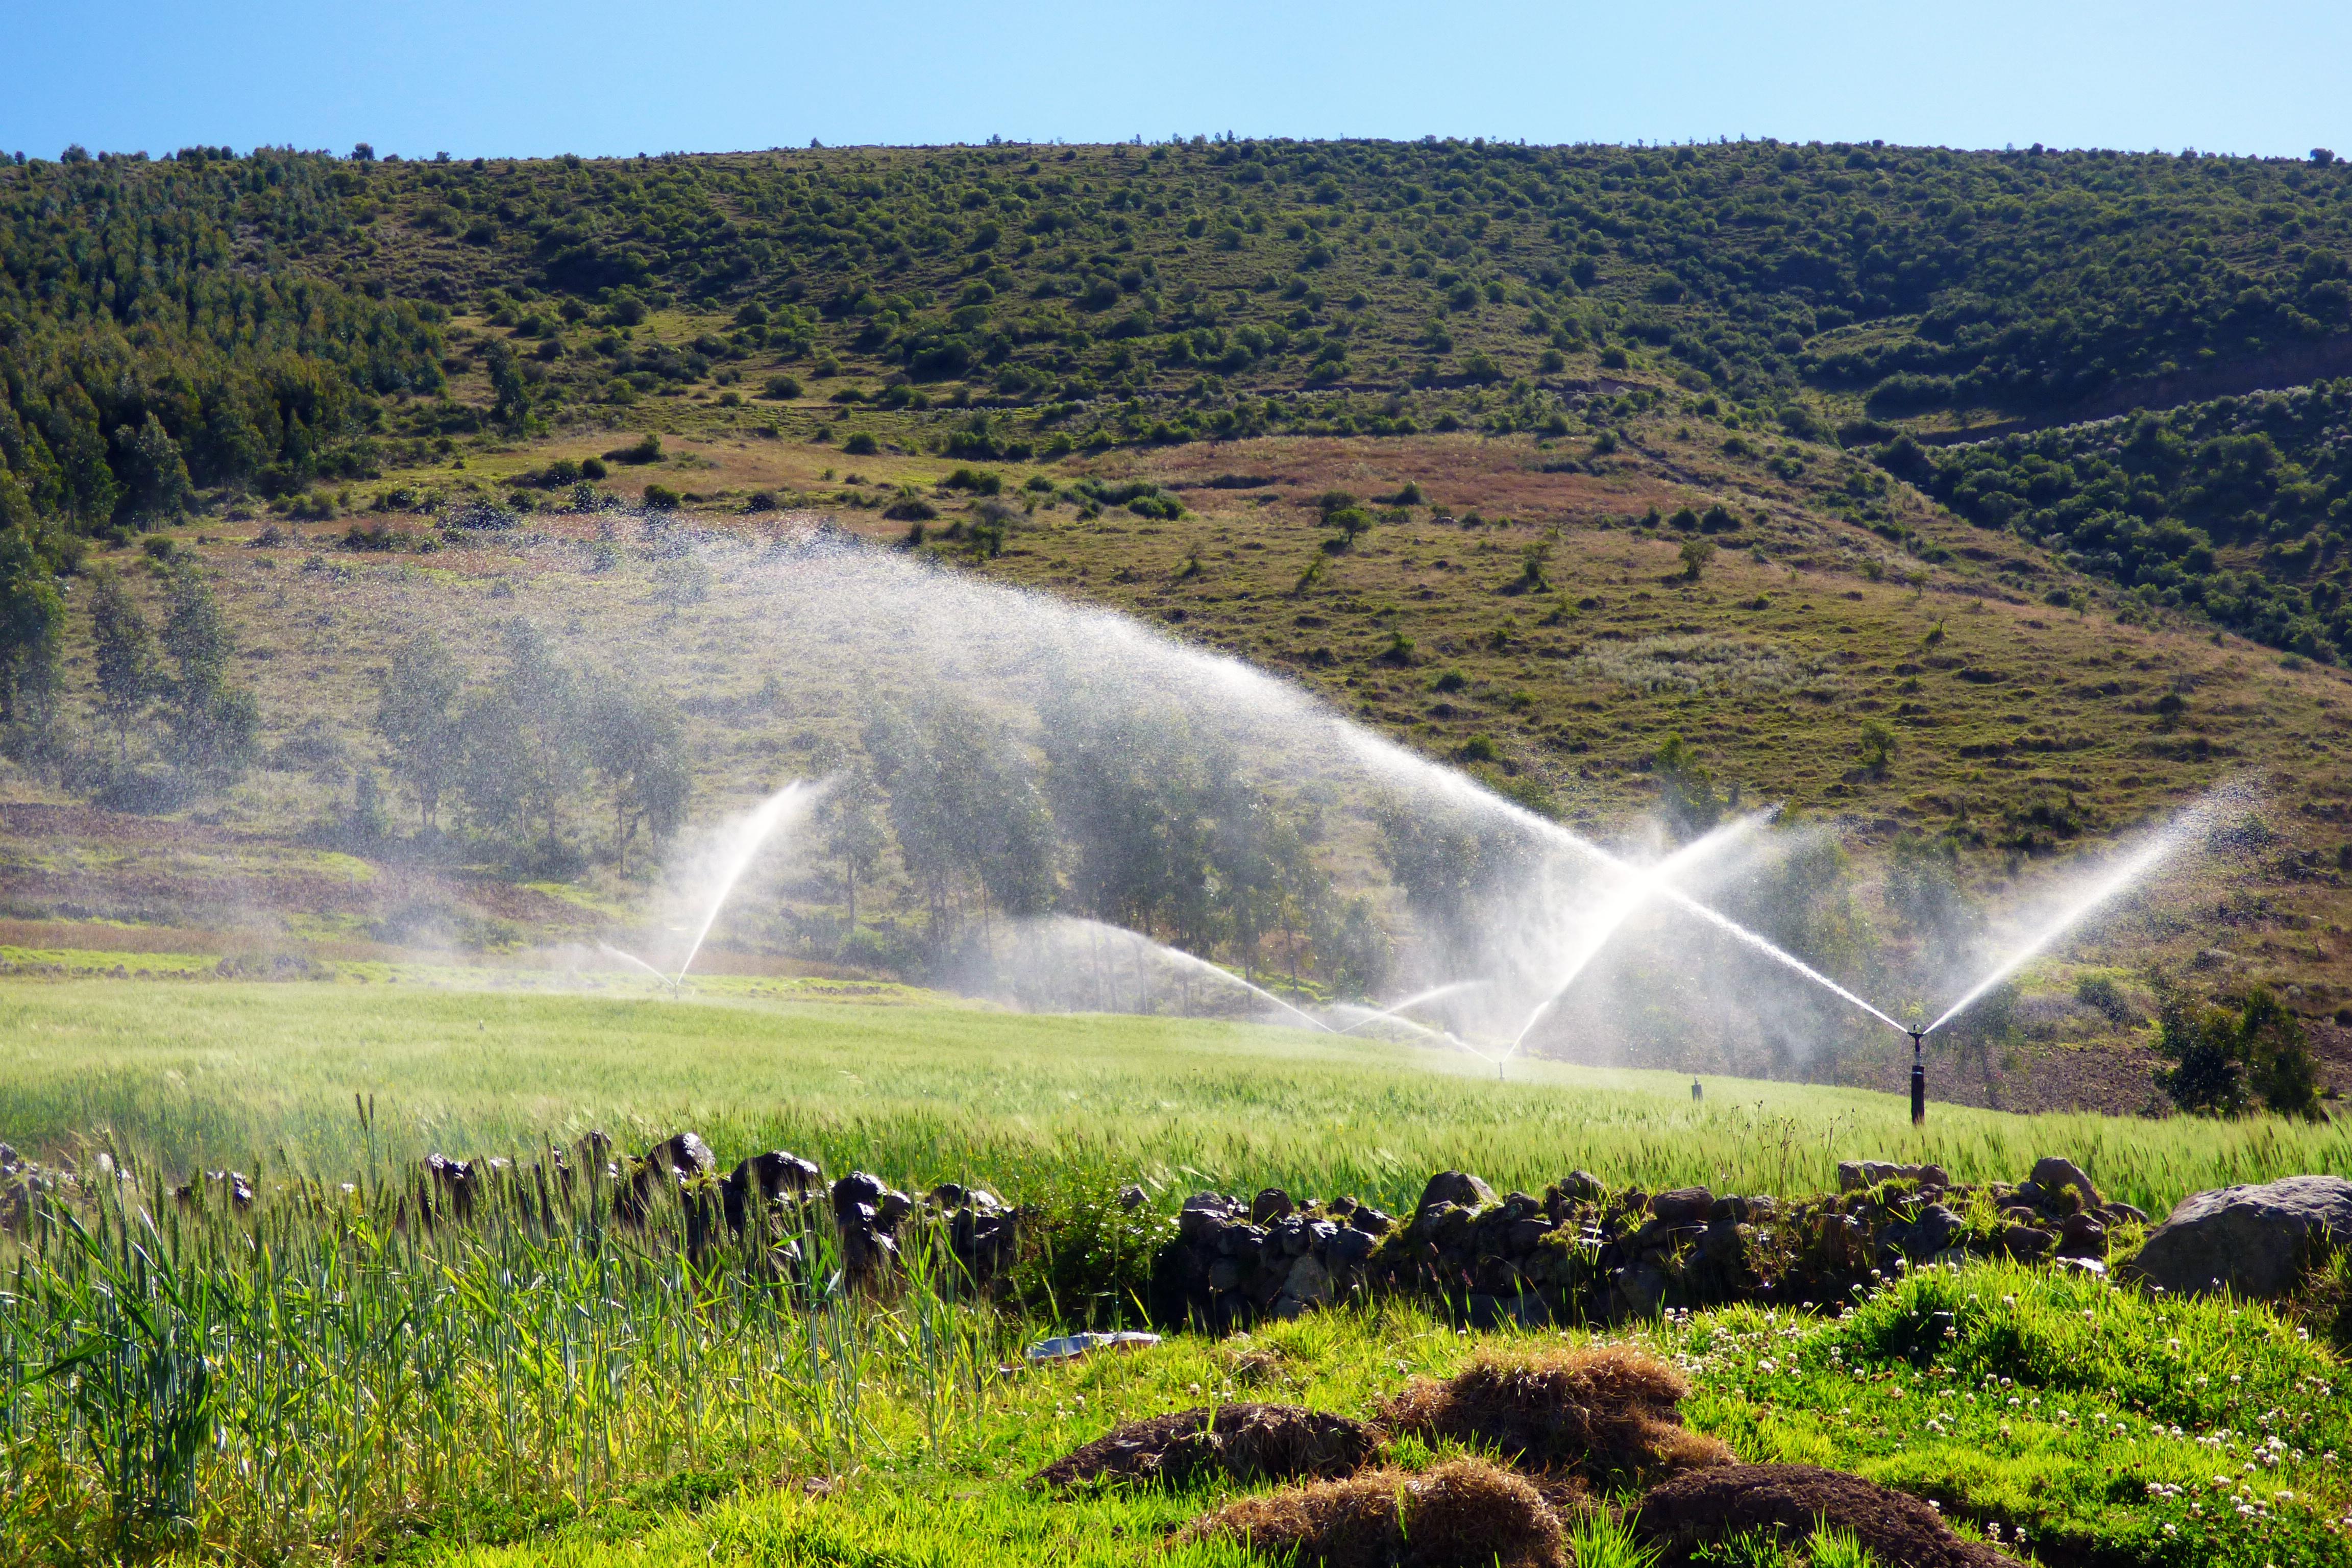 70 Series Impact Sprinklers - 7025 in Pasture